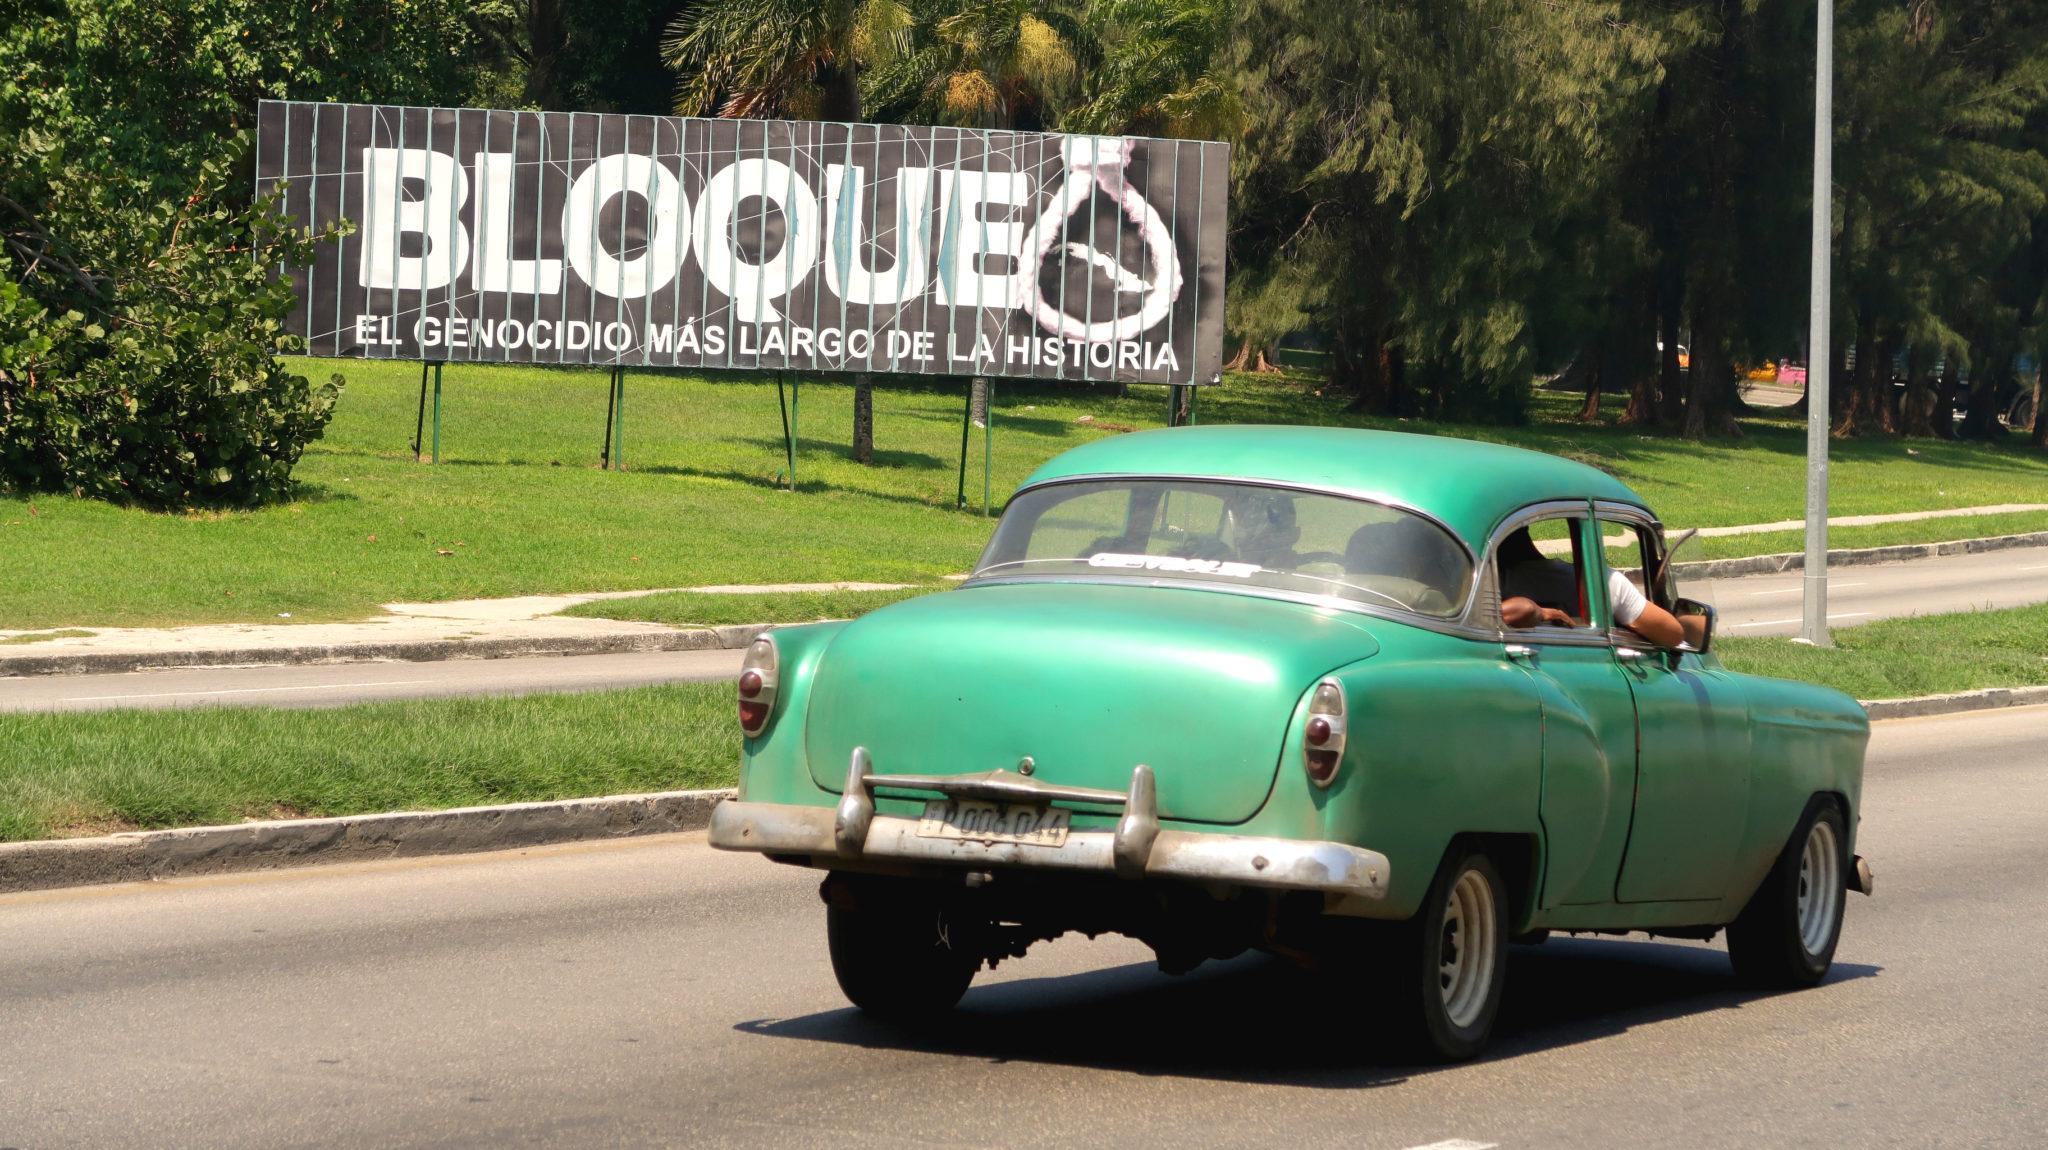 """""""Embargo, le génocide le plus long de l'Histoire"""". Un message récurrent dans les espaces publics à Cuba."""